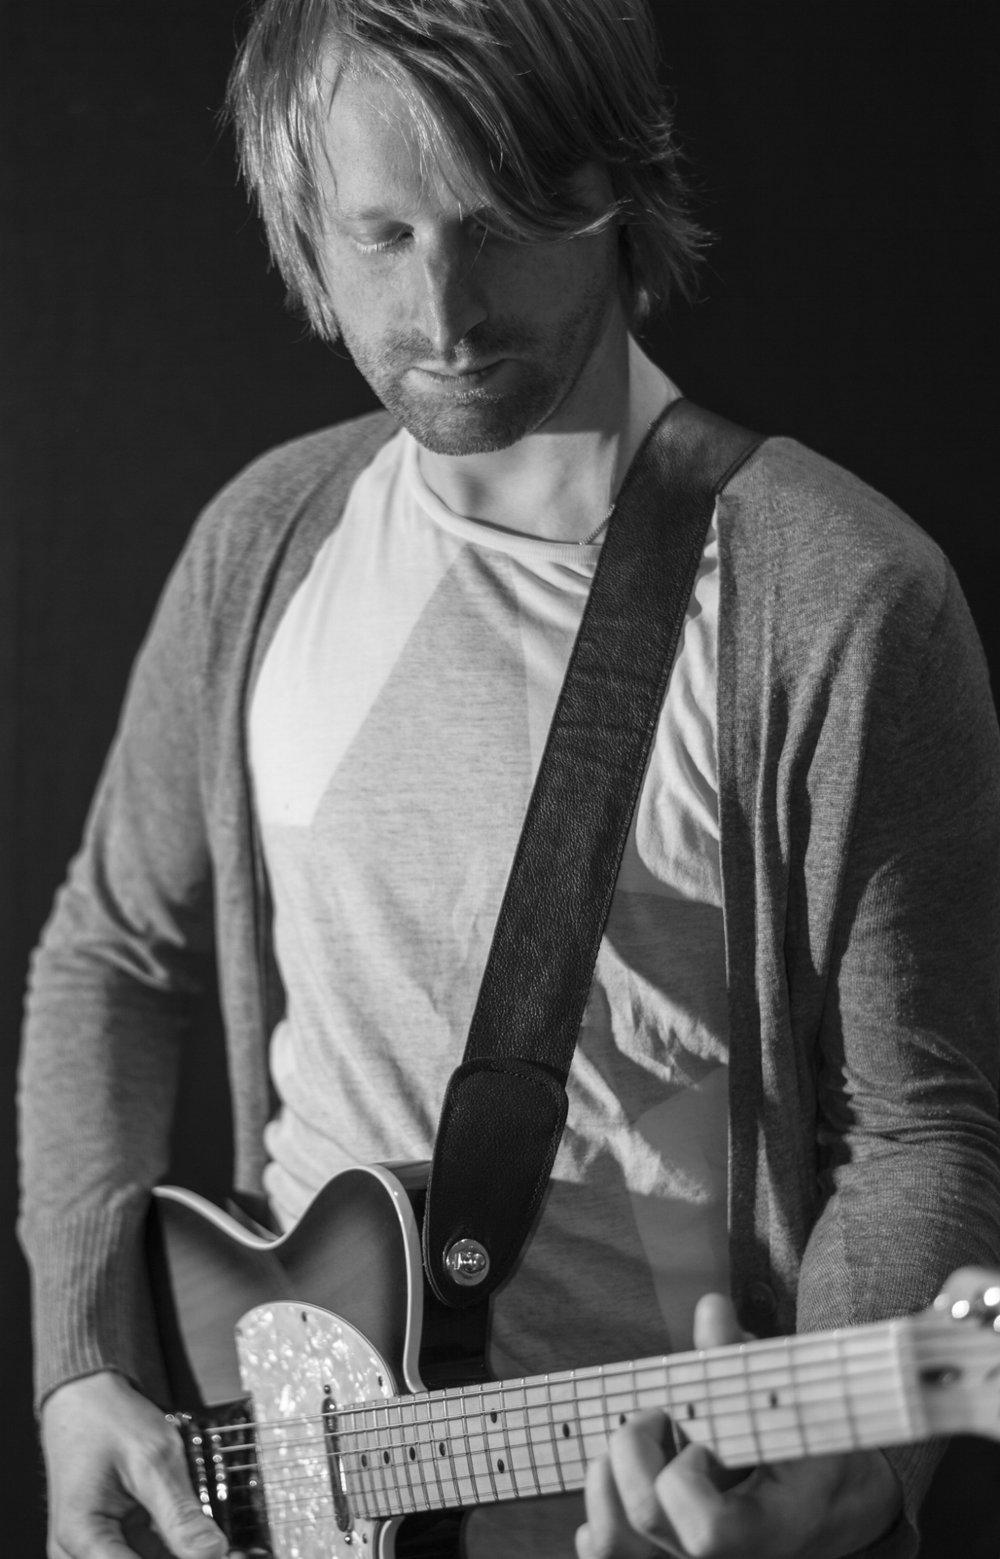 Jarl Furingsten  Har som gitarrist spelat med flera större band och artister i både Sverige och USA. Huvudansvarar för musikproduktion (exempelvis arrangering, produktion och inspelning) men även korrekturlyssning av ljudböcker.  Stort hjärta för pop, indie och starka melodier.  Utbildad på bland annat Musicians Institute i Los Angeles och på Örebro Universitet.   Kontaktuppgifter:  E-post: jalle@studioemanuel.se Tel. 073 - 811 23 37